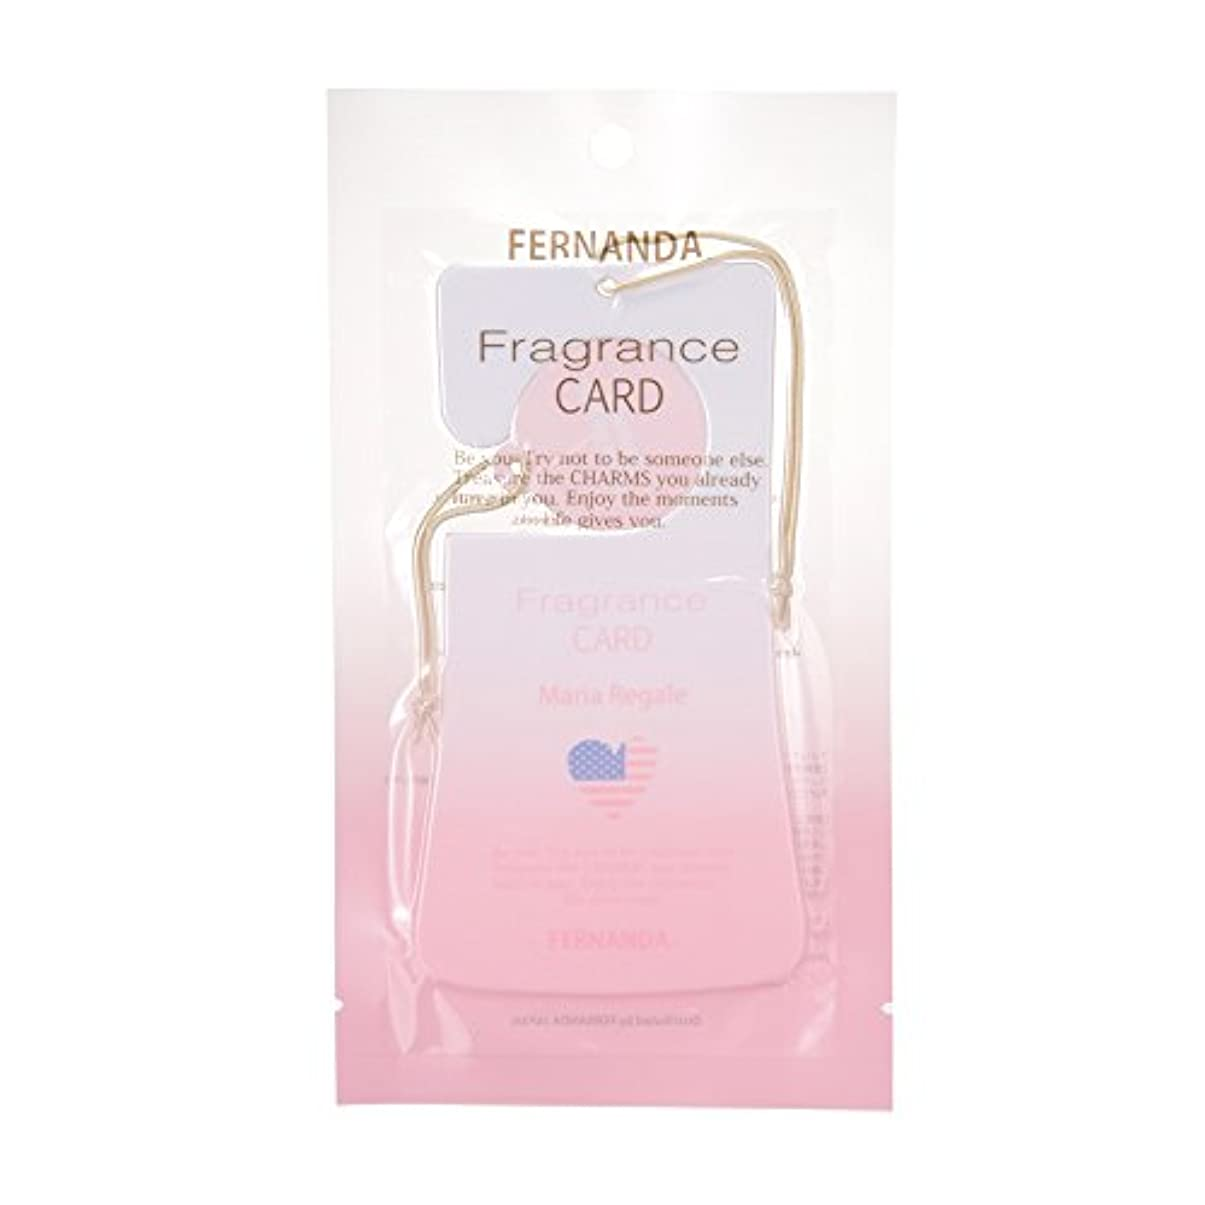 効果的訪問不正直FERNANDA(フェルナンダ) Fragrance Card Maria Regale (フレグランスカード マリアリゲル)